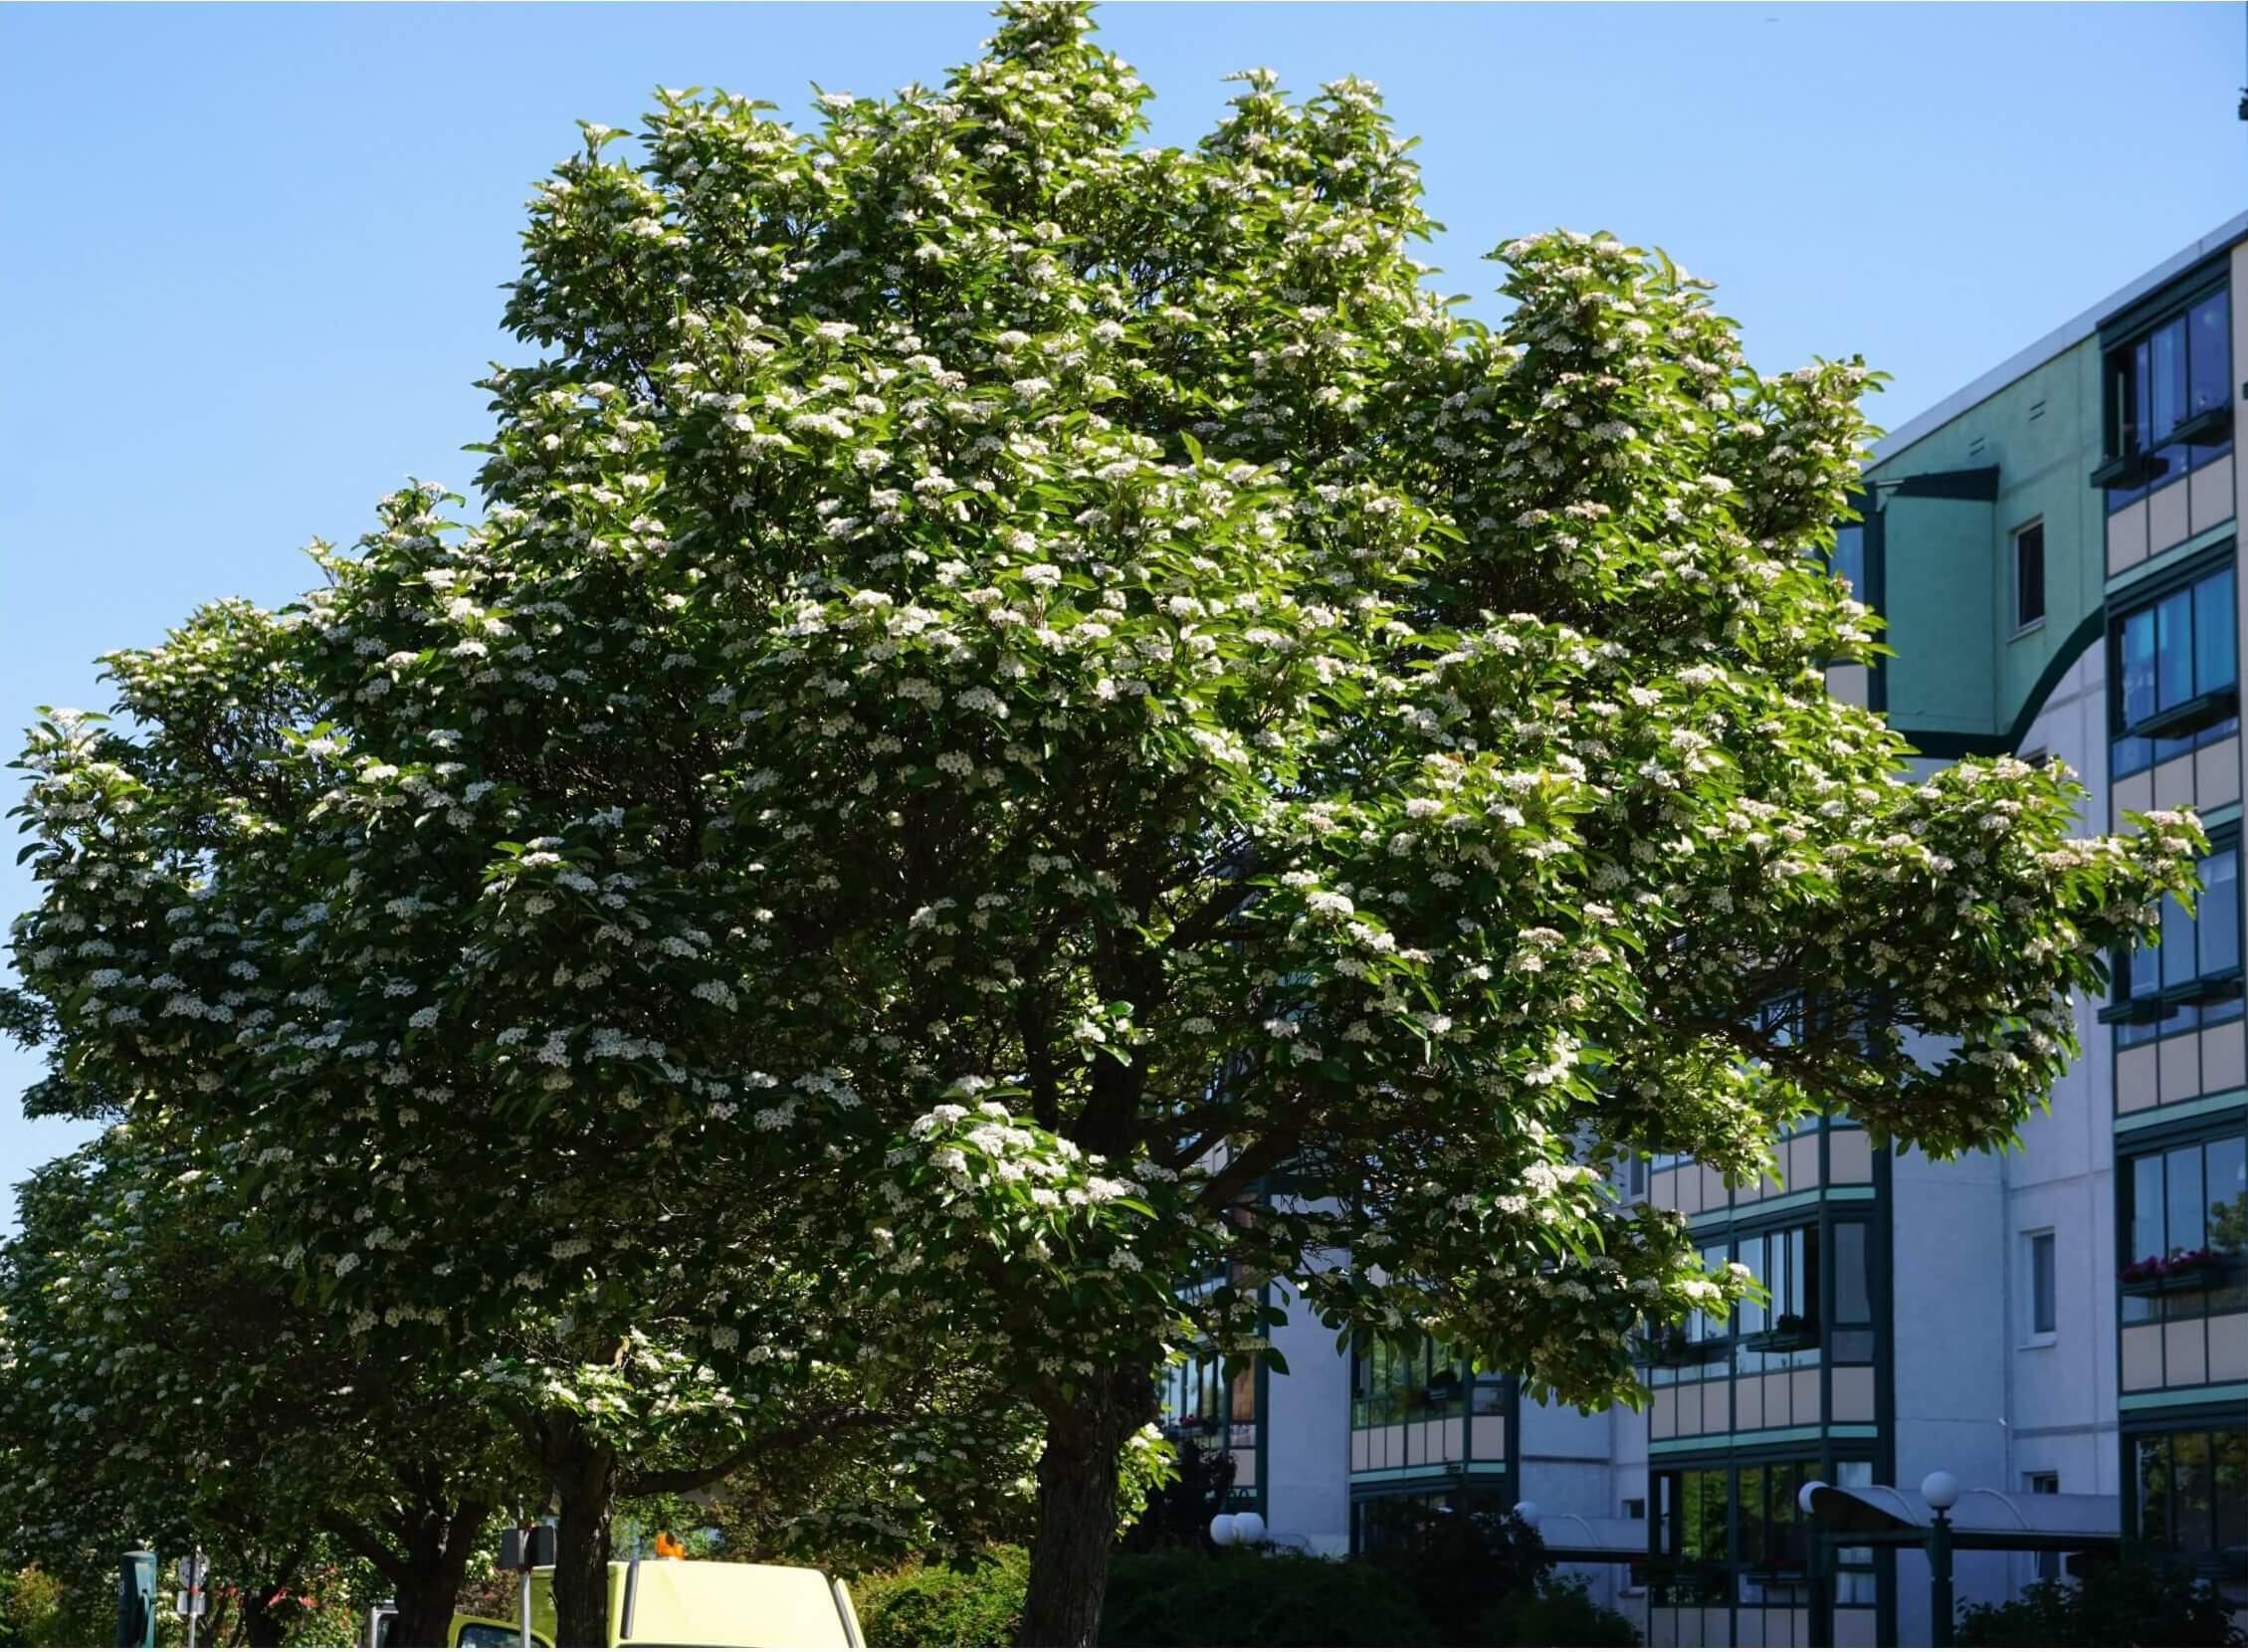 Das Bild zeigt die Krone einer Gewöhnlichen Mehlbeere in voller Blüte am Ende des Monats Mai. Sie blüht auch im Flachland deutlich später als die Schwedische Mehlbeere und die Vogelbeere. Der Straßenbaum auf dem Foto steht am Pegasuseck.